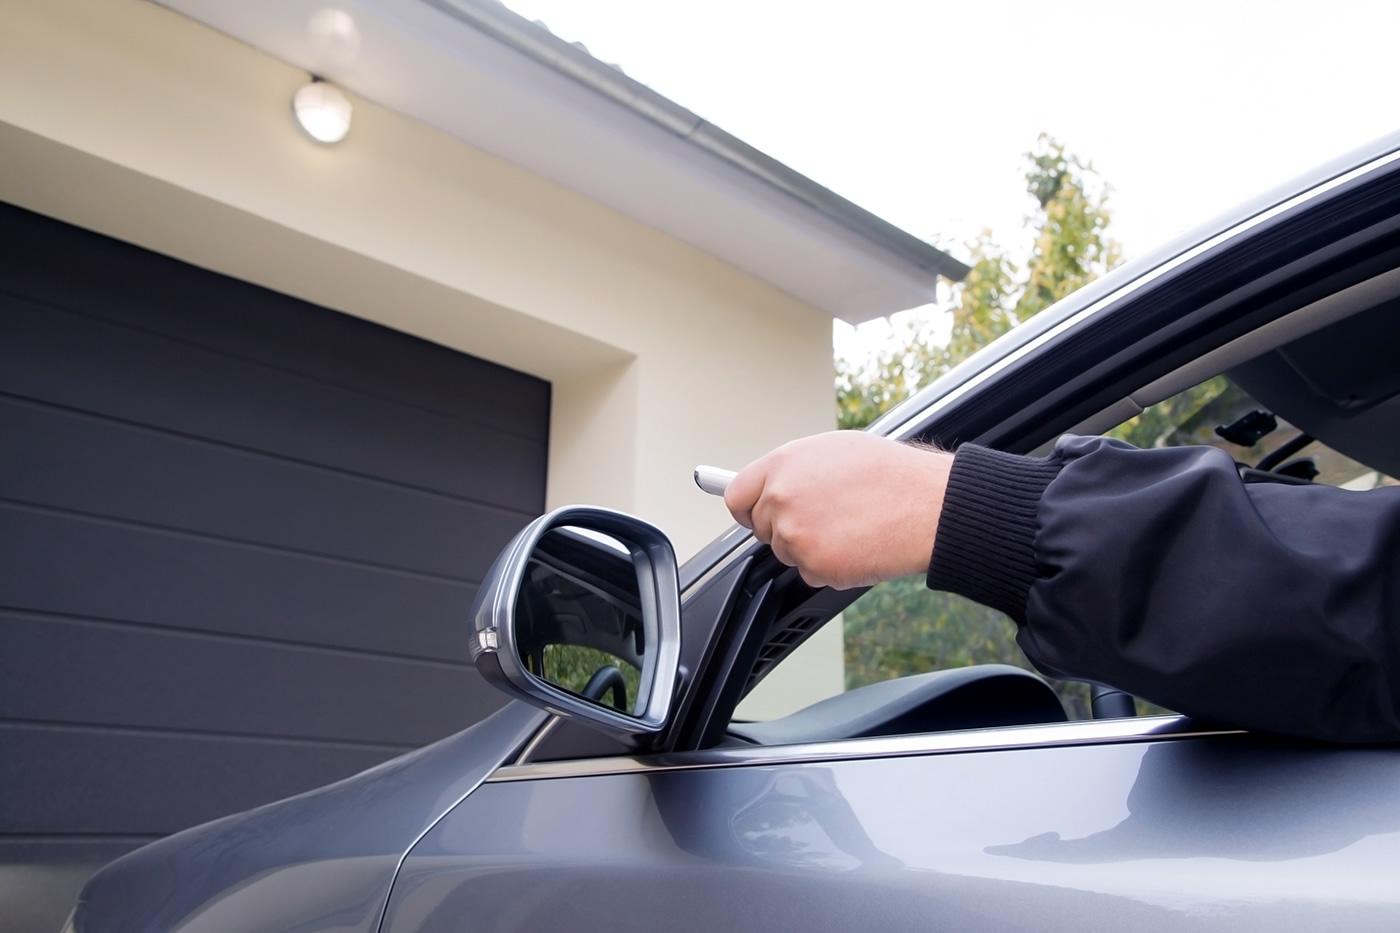 Porte de garage avec télécommande